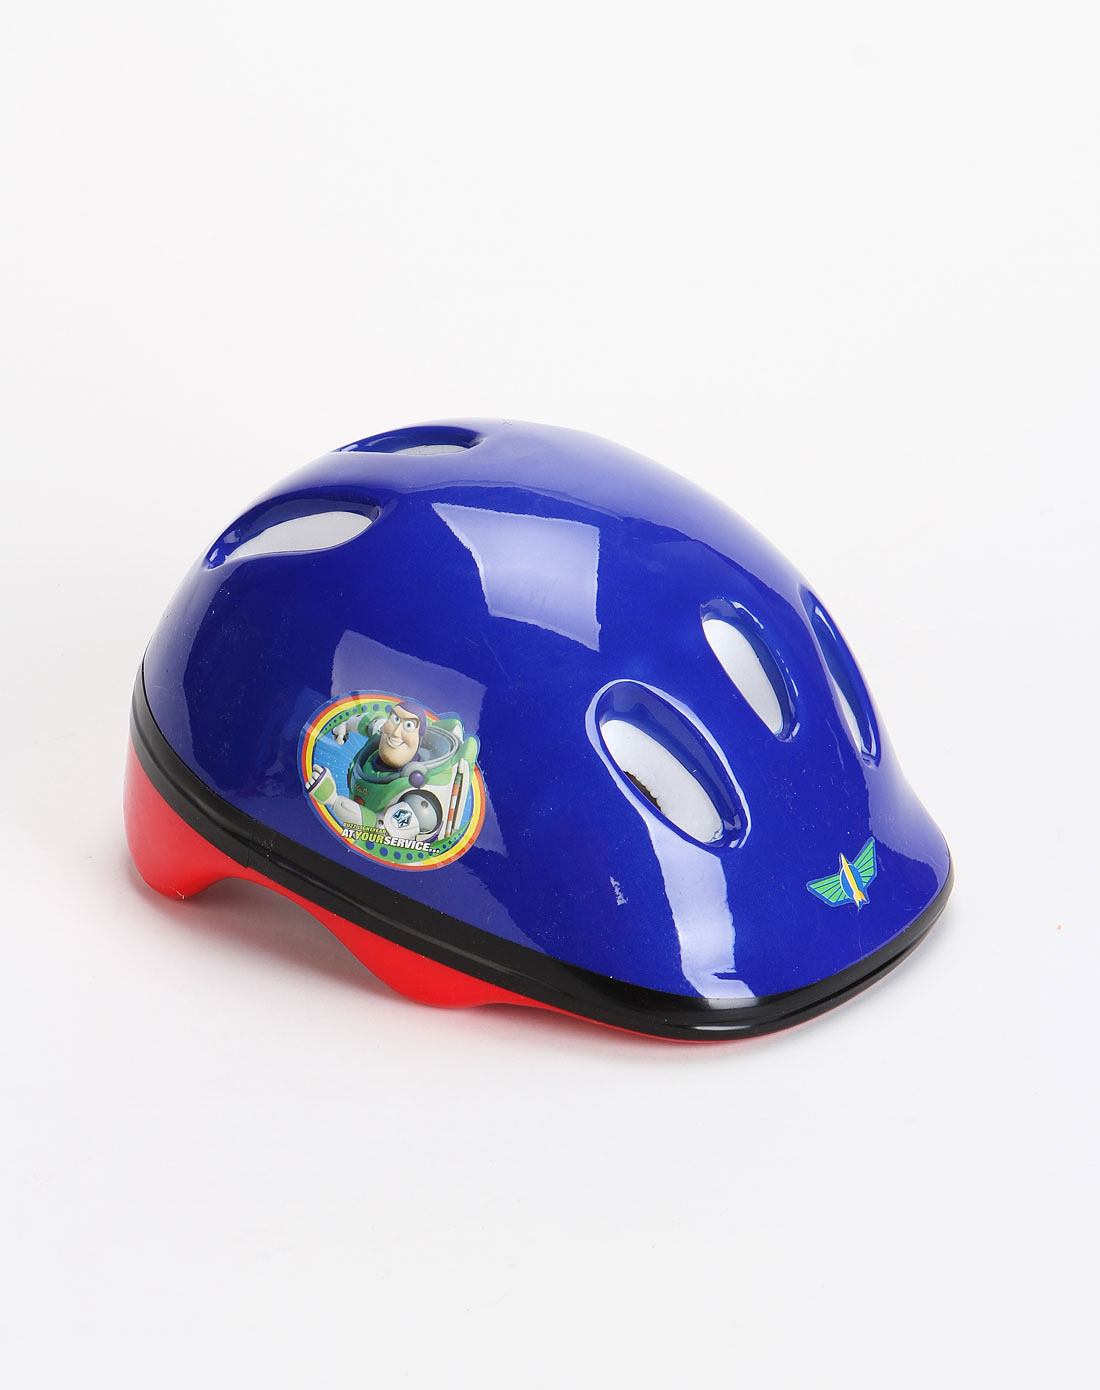 迪士尼蓝色卡通图案头盔